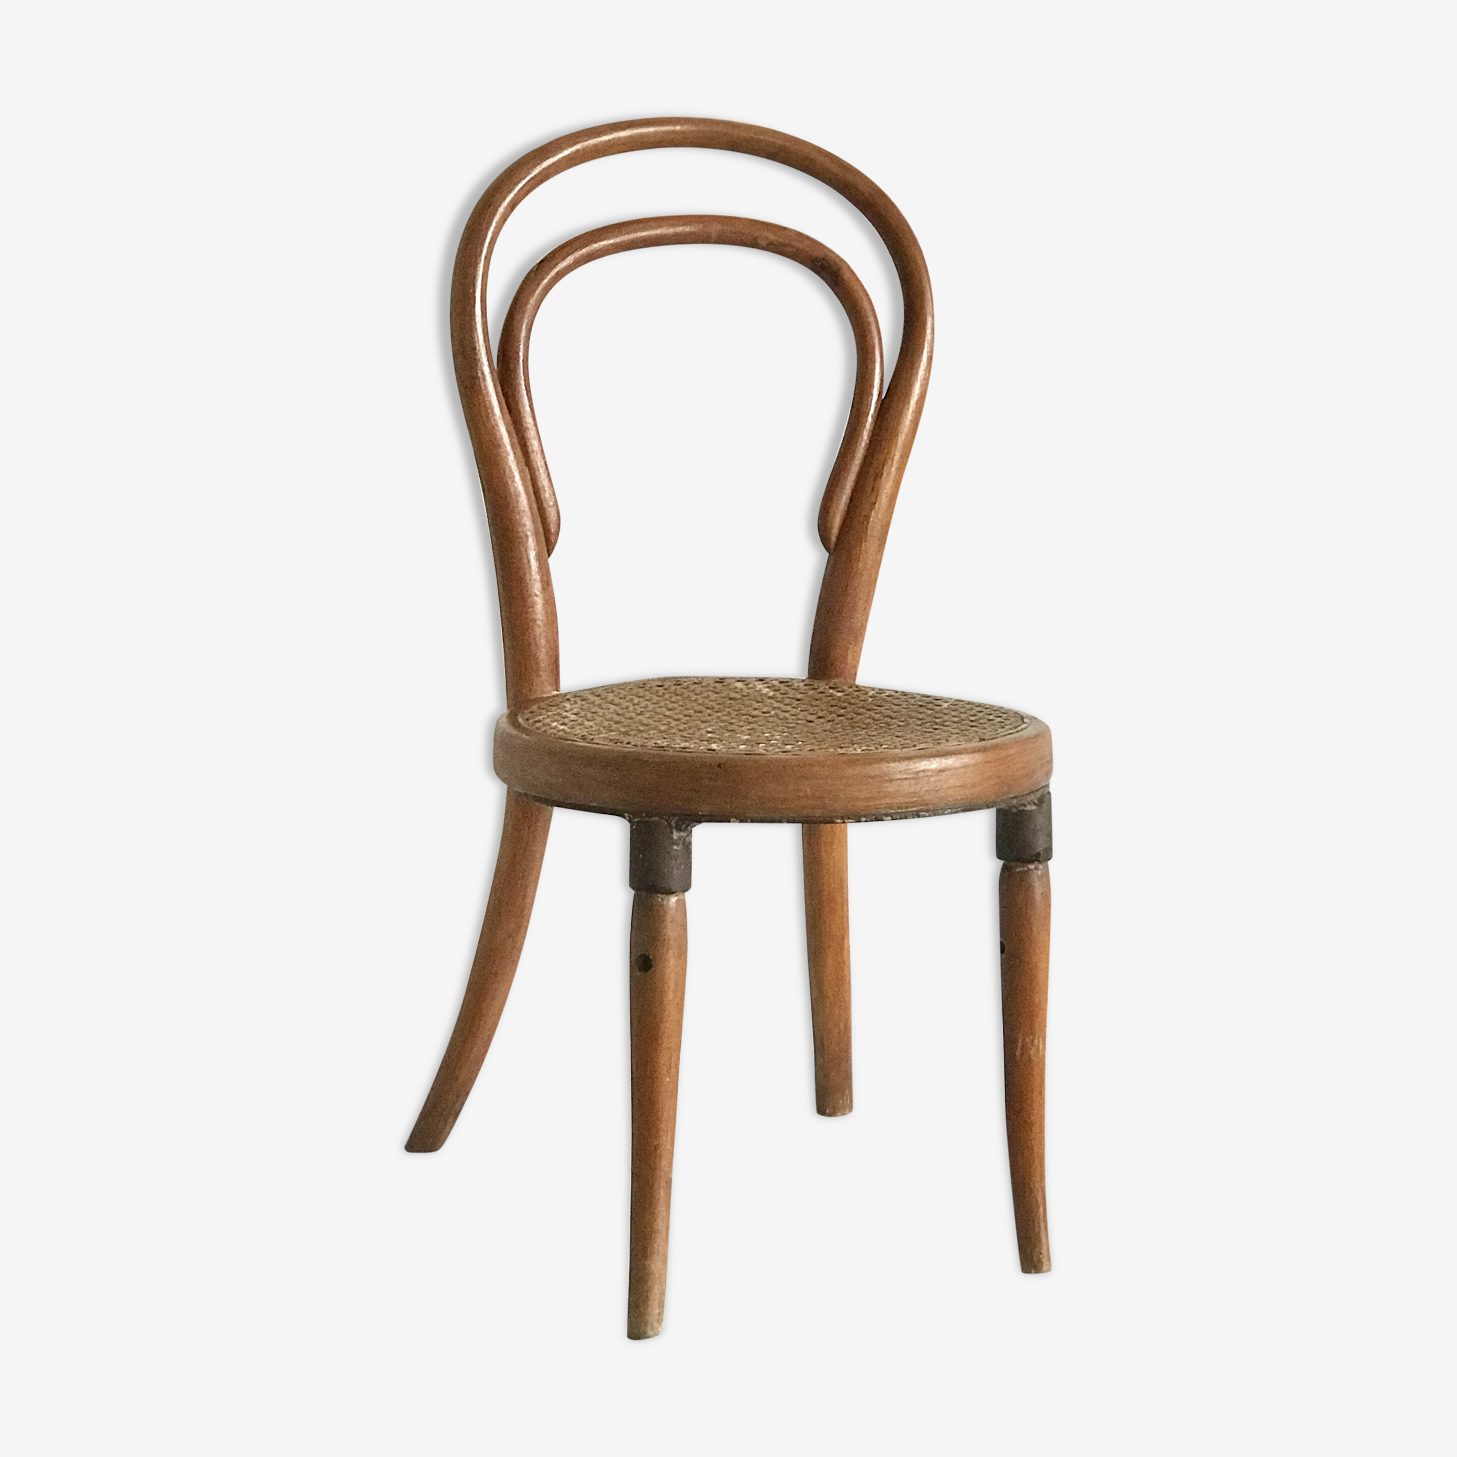 Chaise de bistrot bois courbé Kohn pour enfant